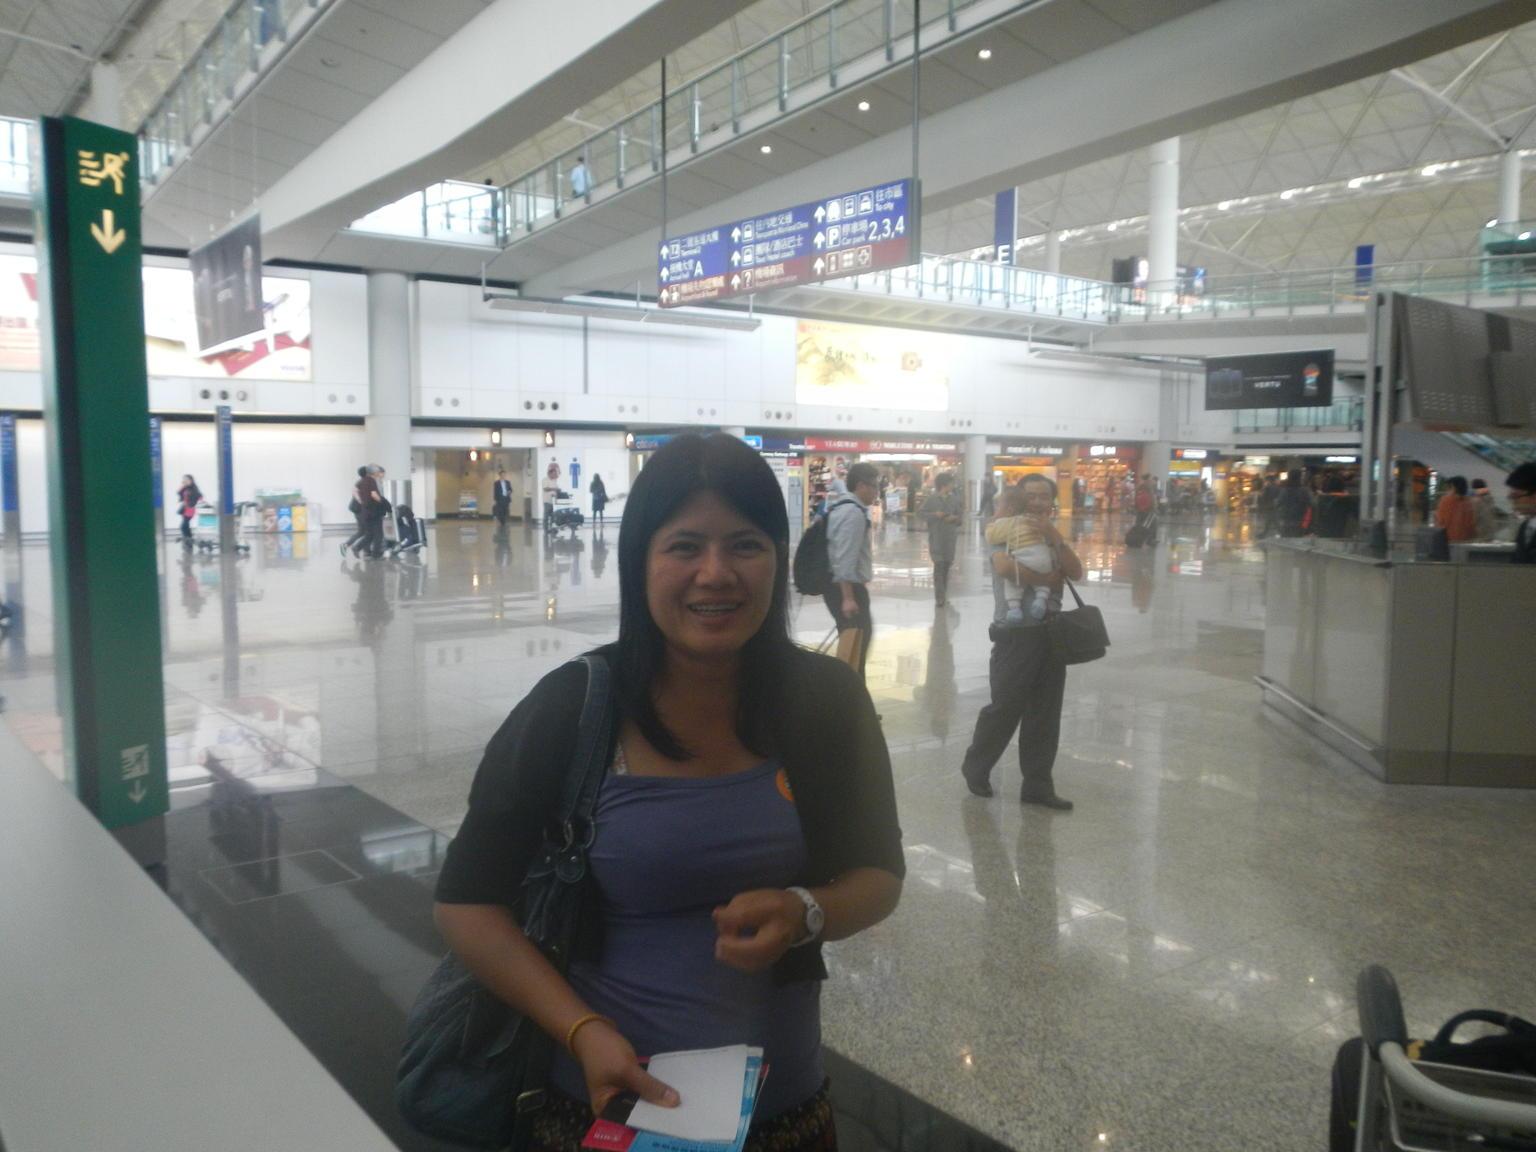 MÁS FOTOS, Traslado compartido a la llegada a Hong Kong: del aeropuerto de al hotel